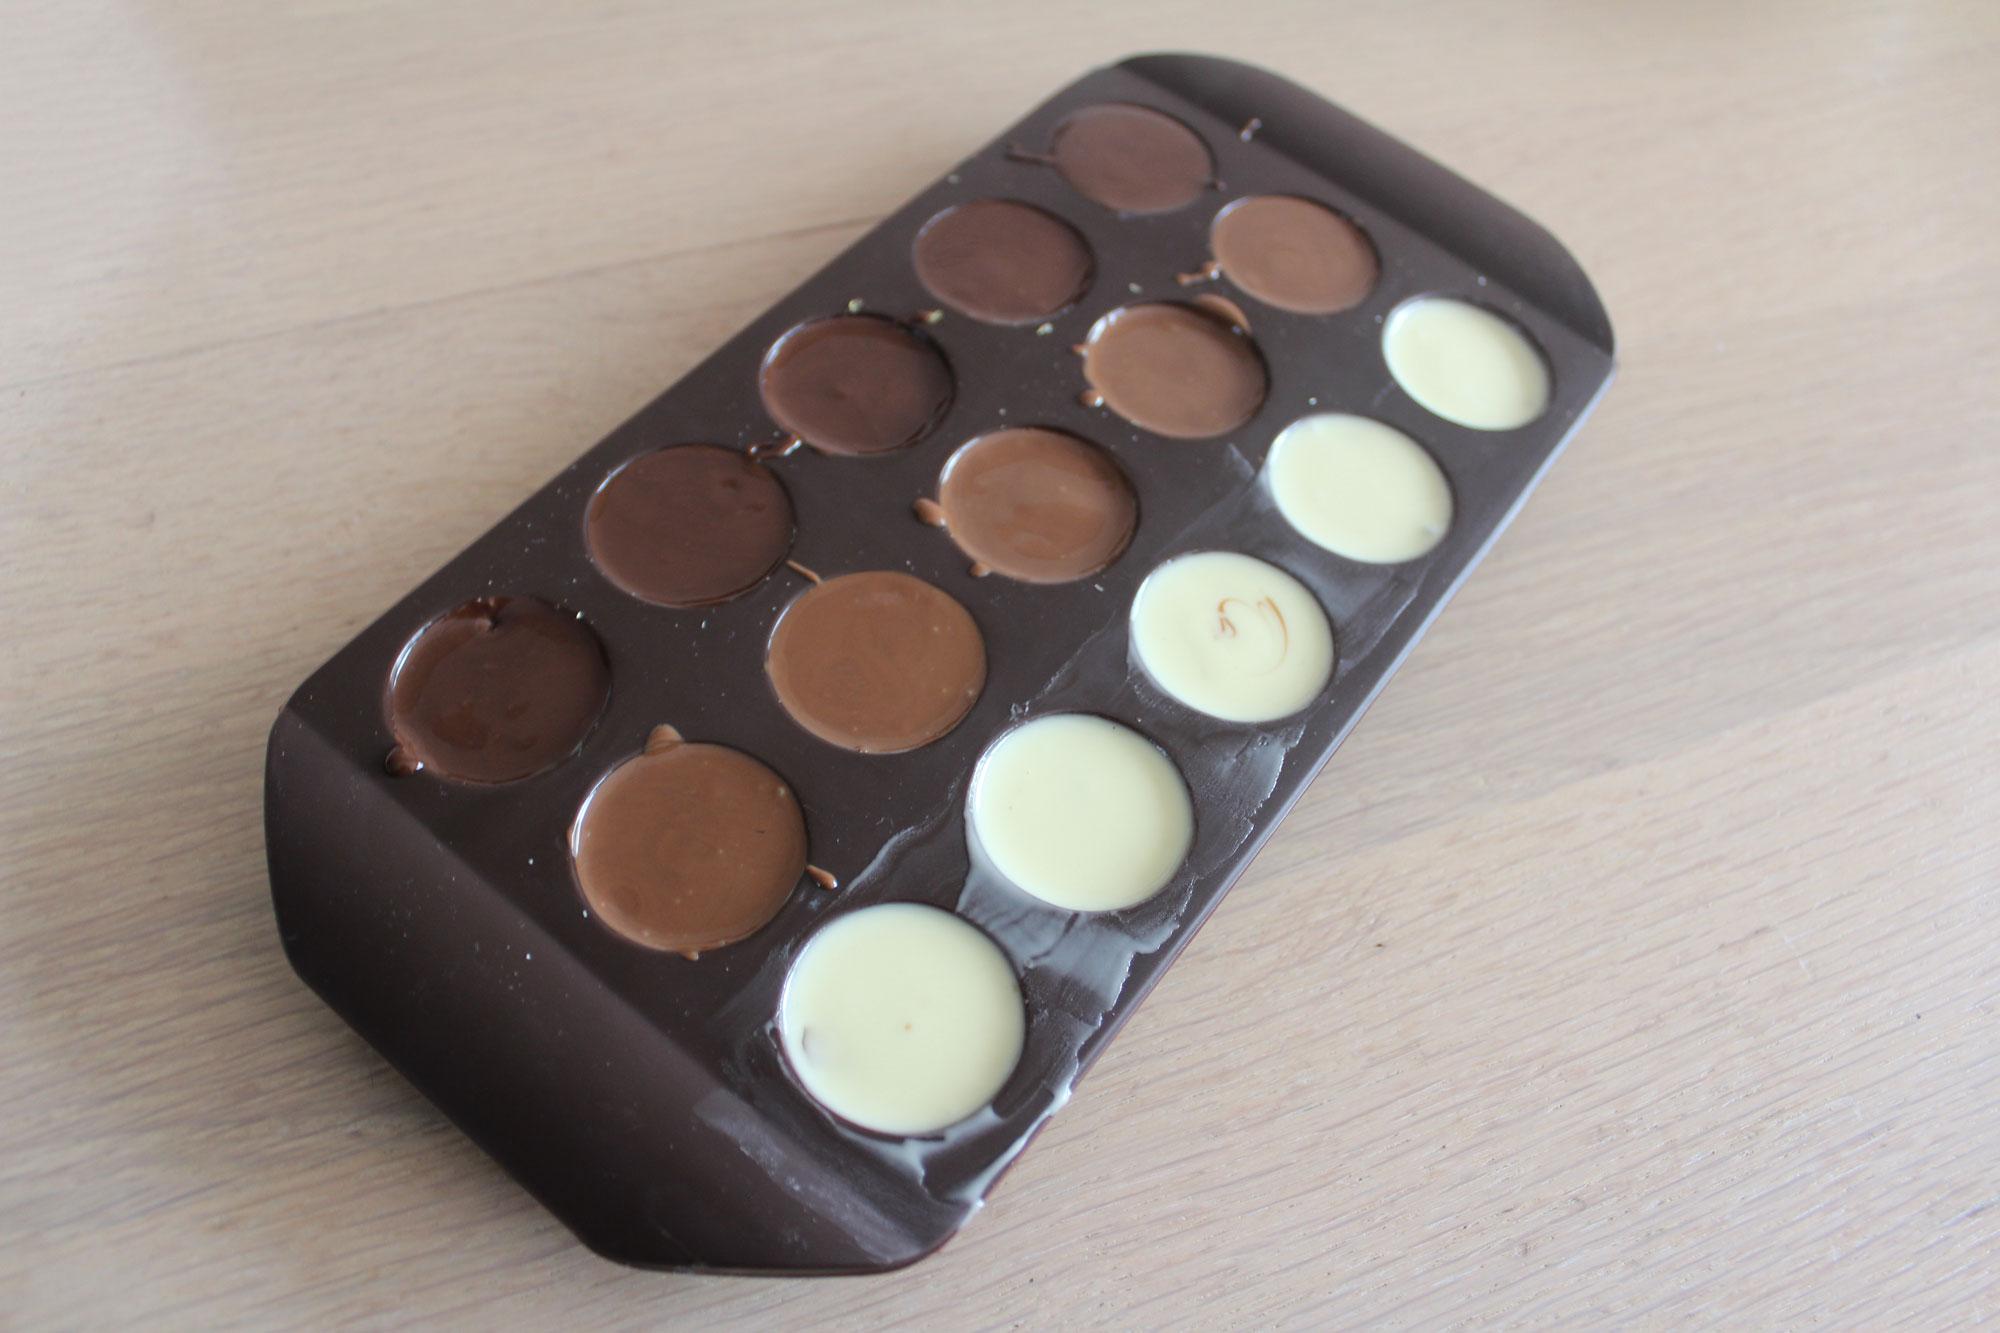 Bijgevuld met chocolade